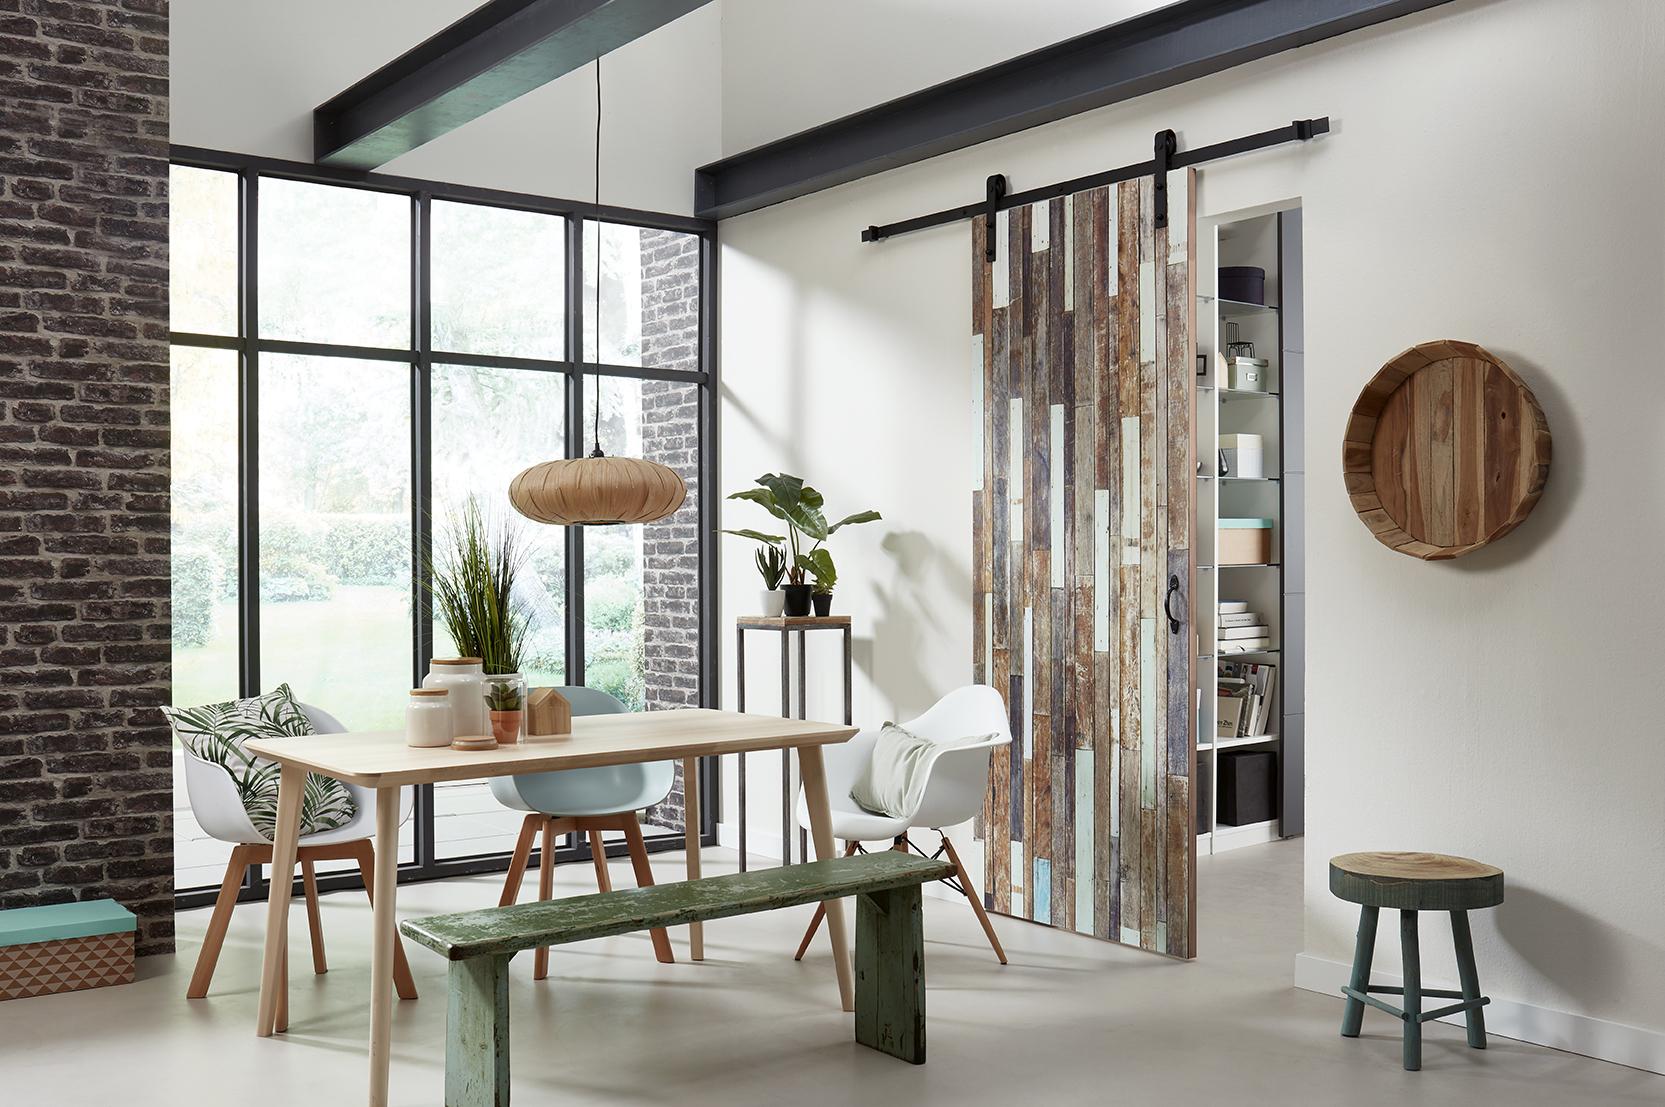 Behang Slaapkamer Praxis : Raamdecoratie kopen? bekijk alle raamdecoratie aanbiedingen praxis